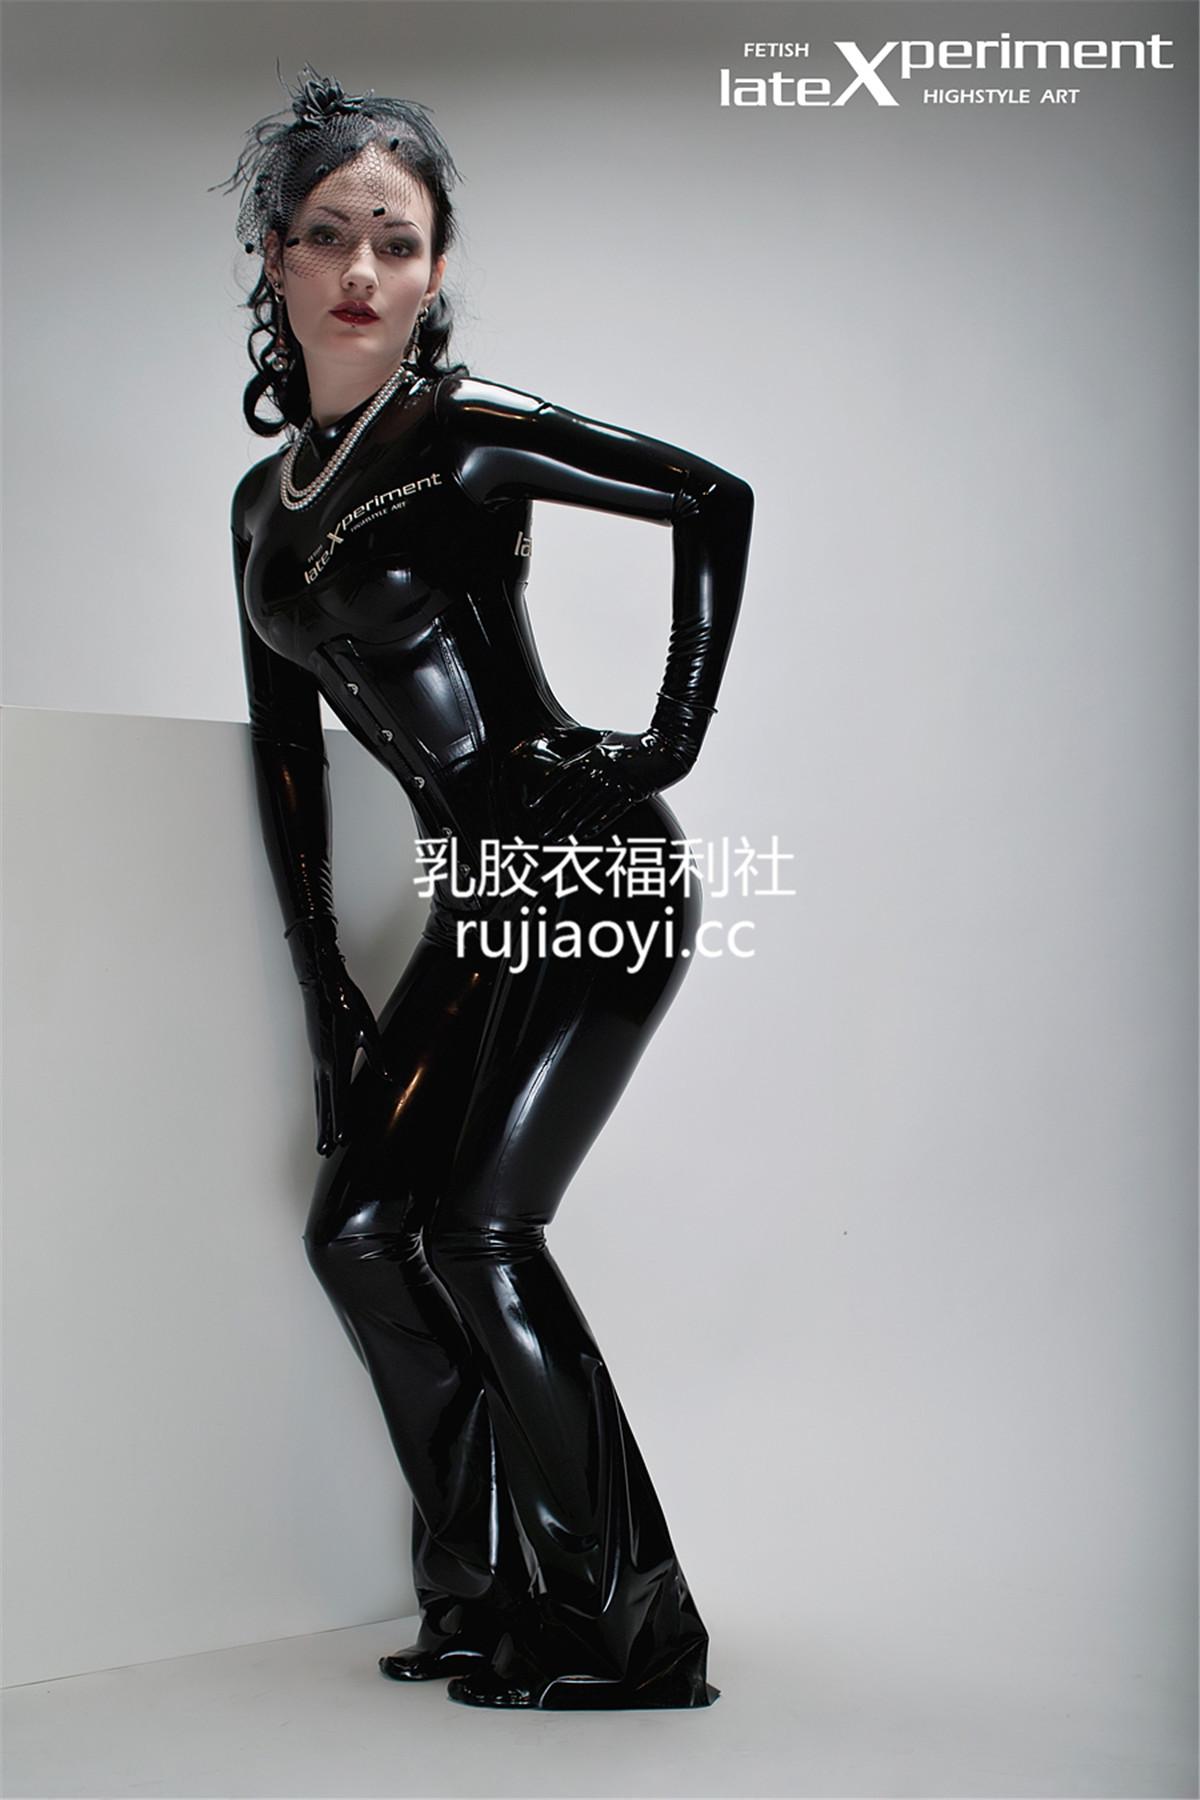 [LateXperiment] 神秘黑色乳胶衣翘臀少妇双手抚摸傲人双峰